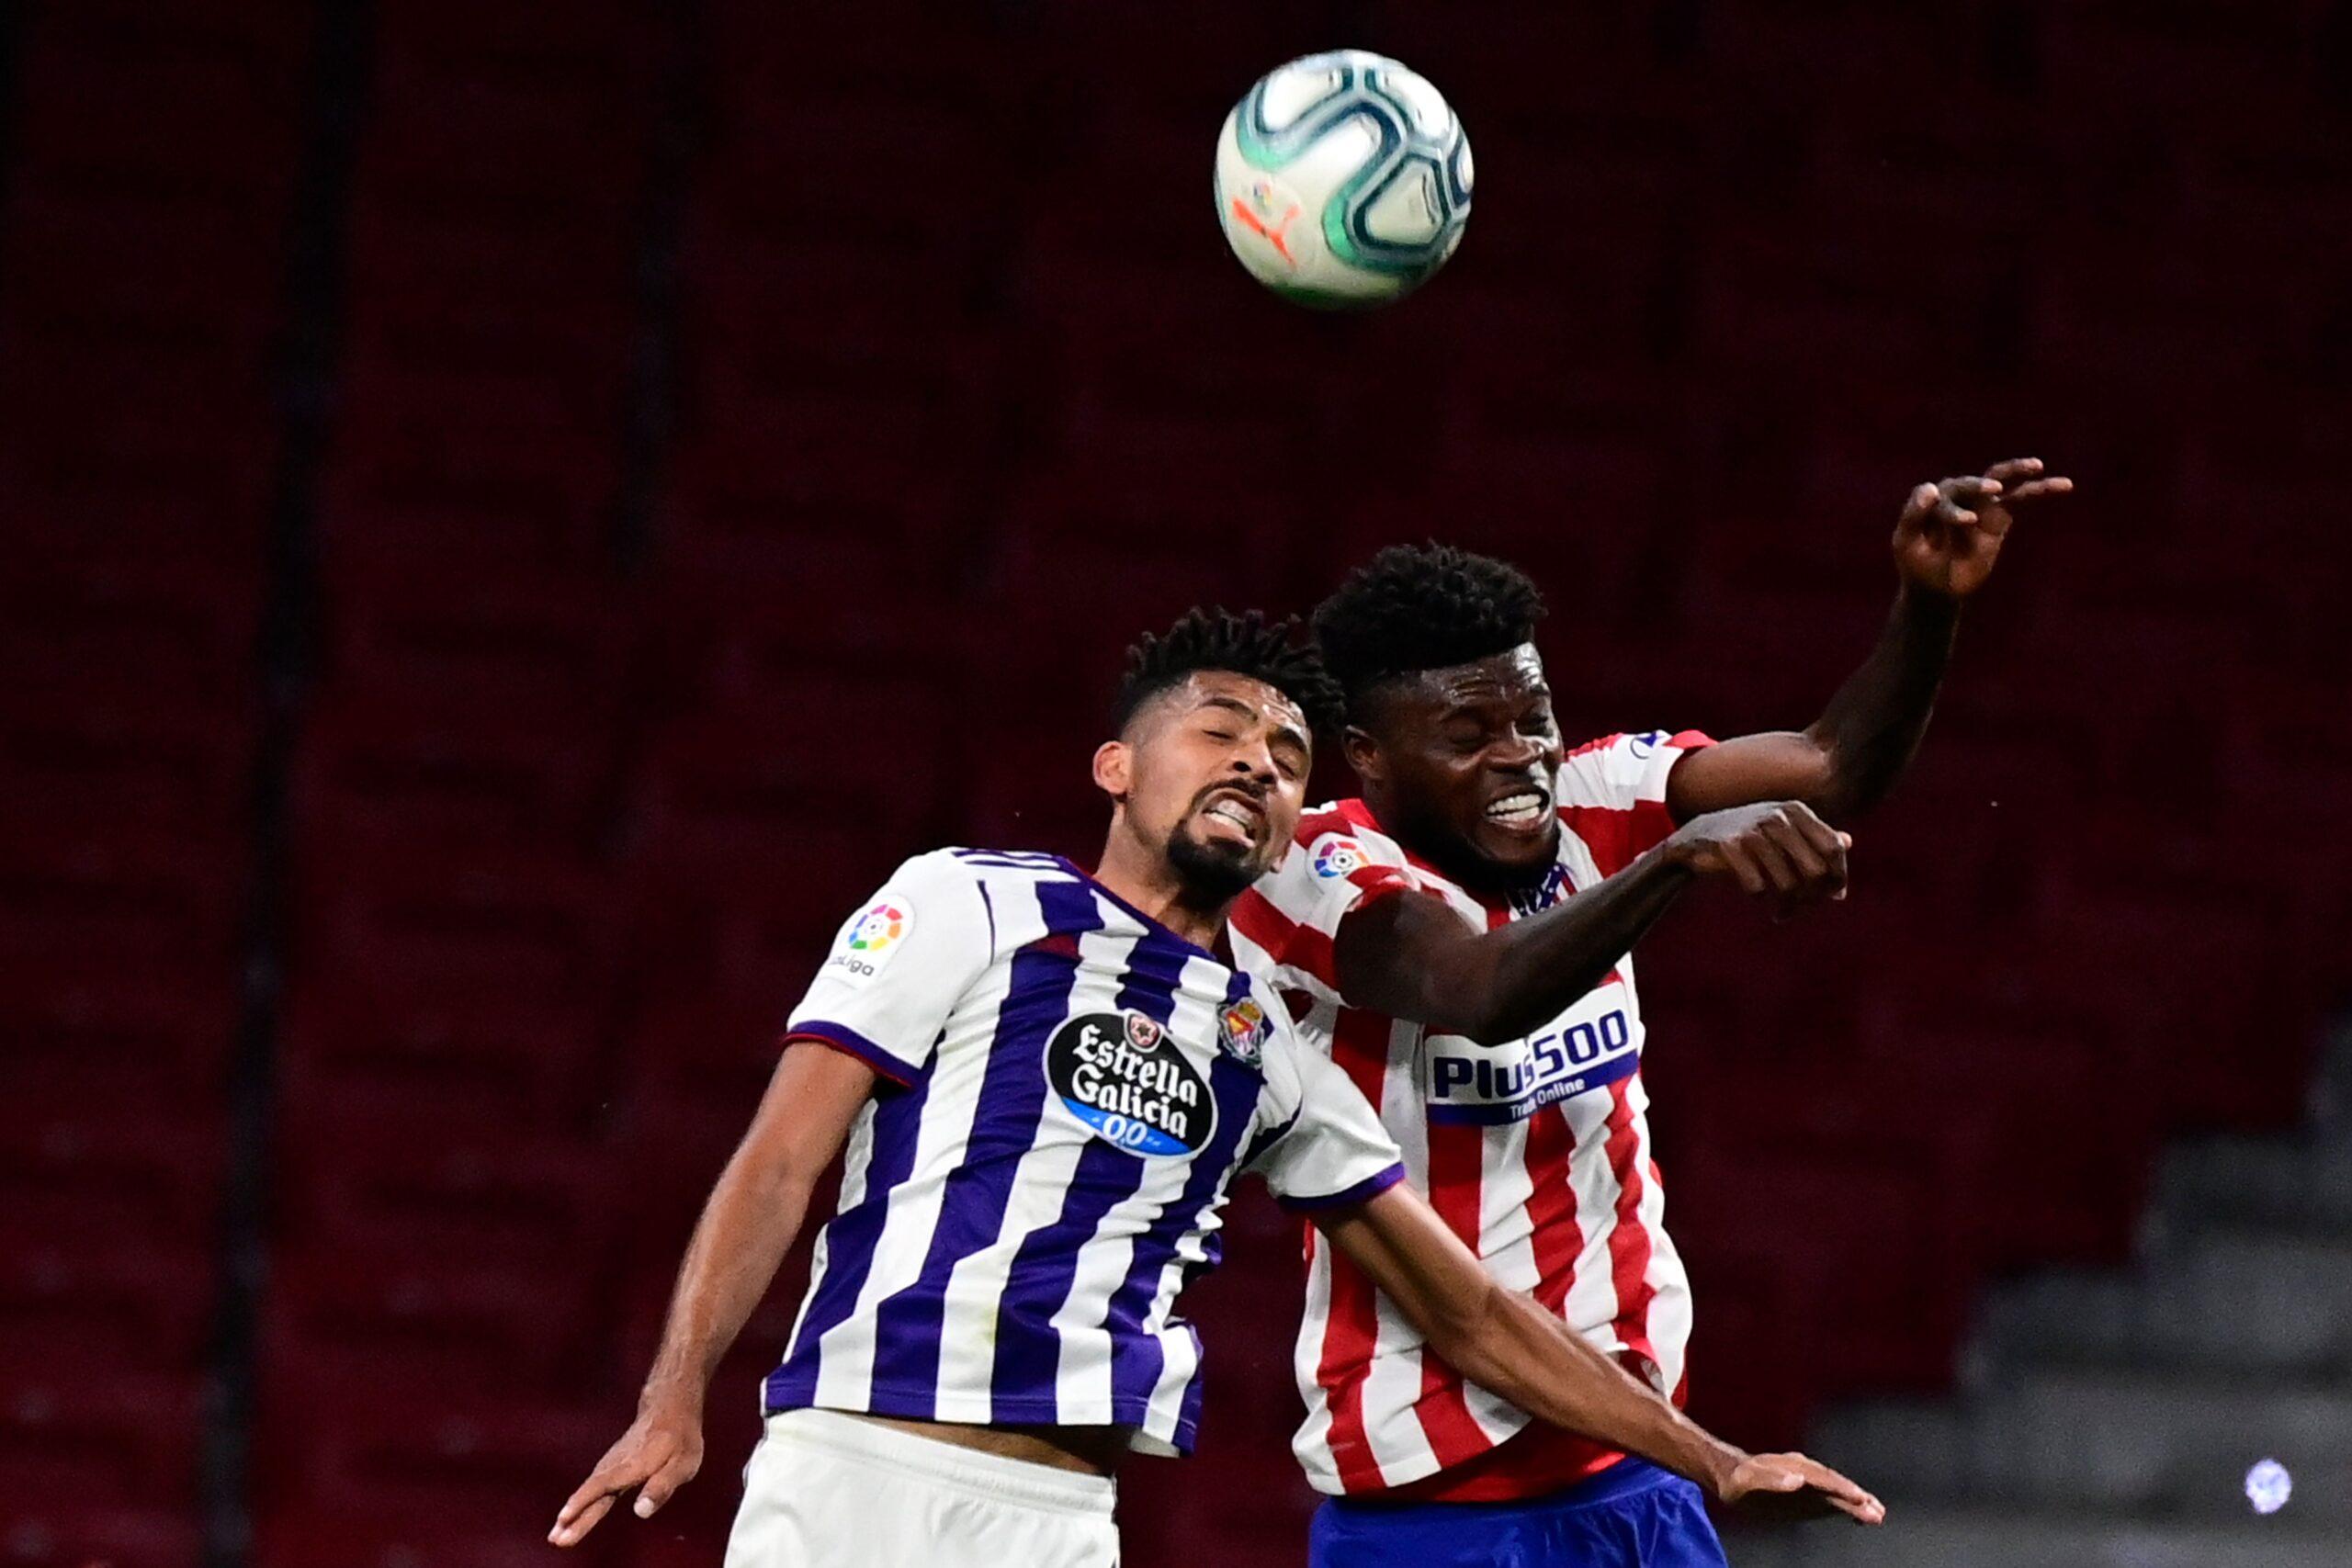 Ghana Soccernet: Thomas tiene ya la decisión tomada